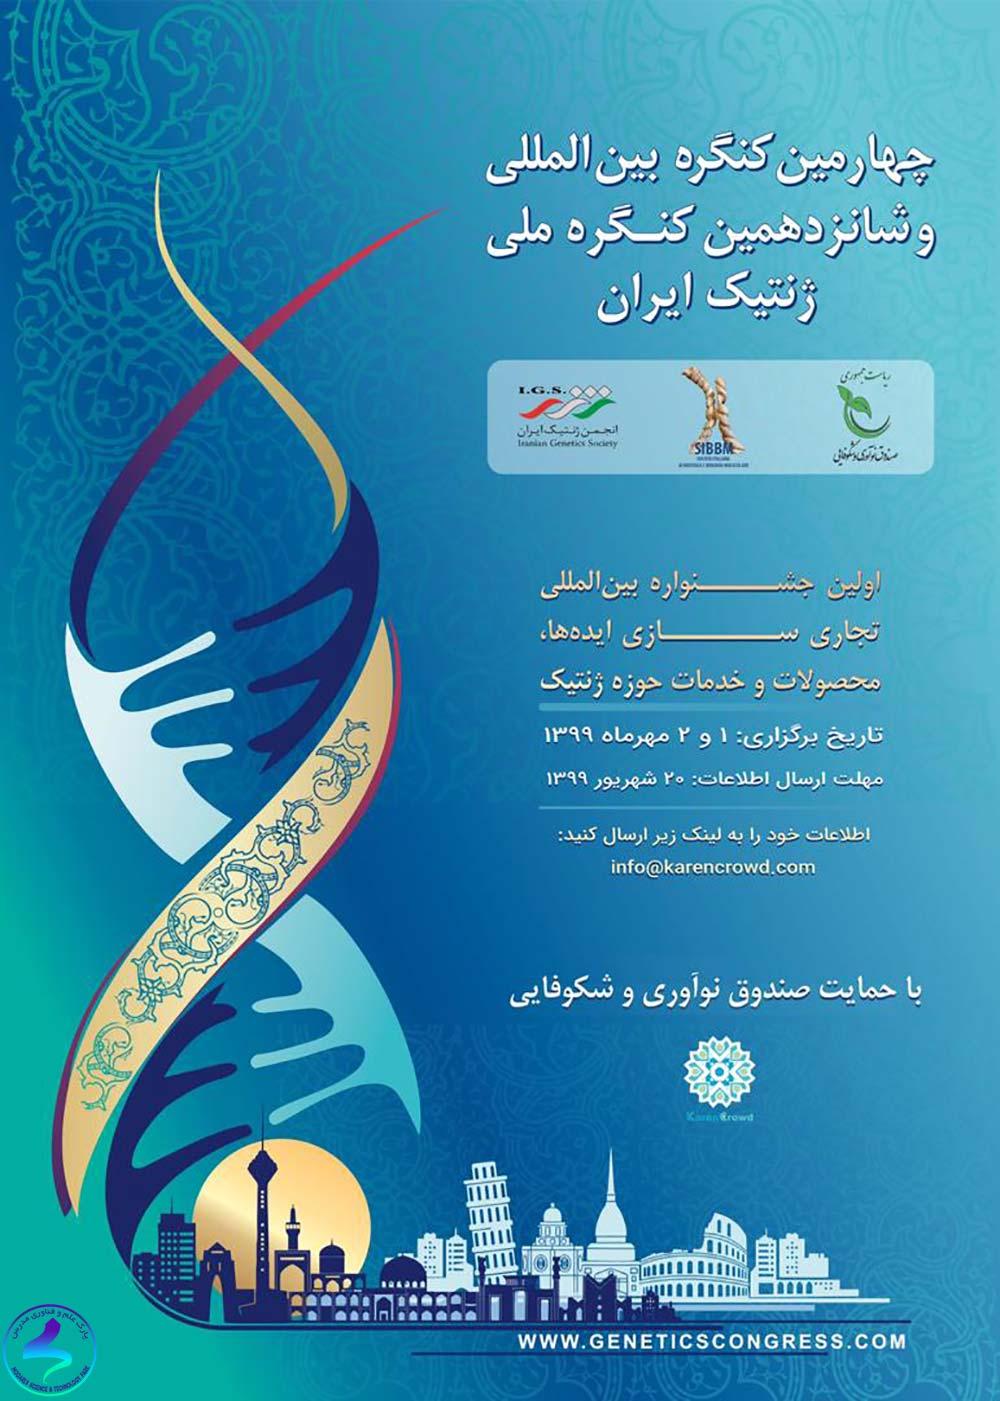 برگزاری رویداد جذب سرمایه در حوزه تخصصی ژنتیک